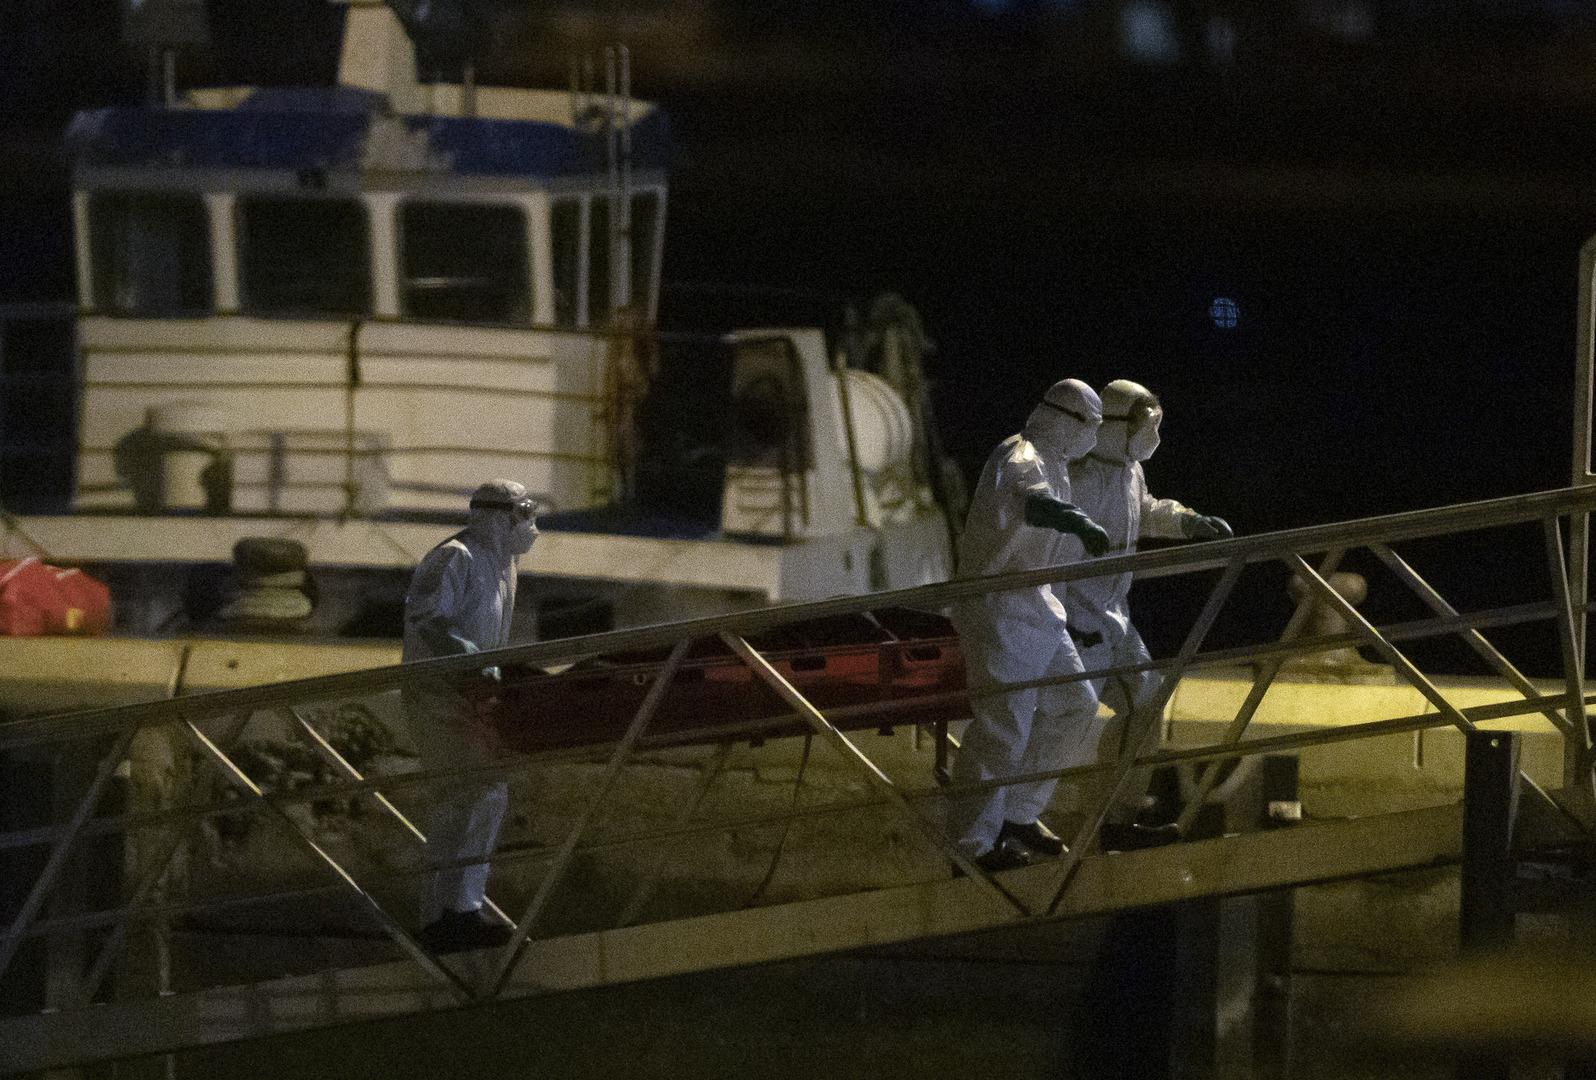 إنقاذ عشرات المهاجرين قبالة جزر الكناري الإسبانية